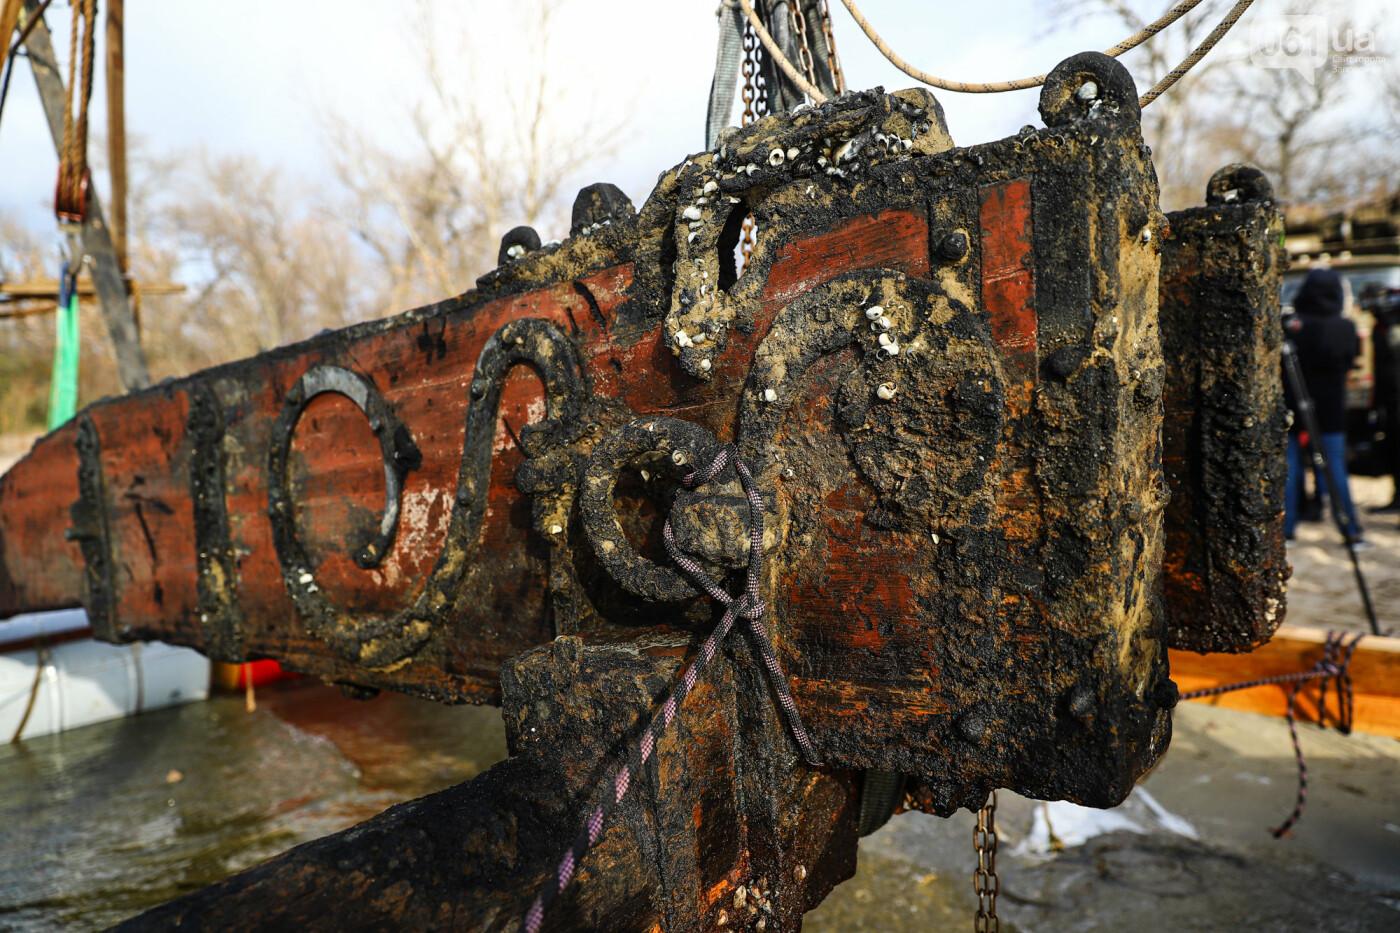 В Запорожье на дне Днепра нашли пушечный лафет XVII - XVIII столетия, - ФОТОРЕПОРТАЖ, ВИДЕО, фото-36